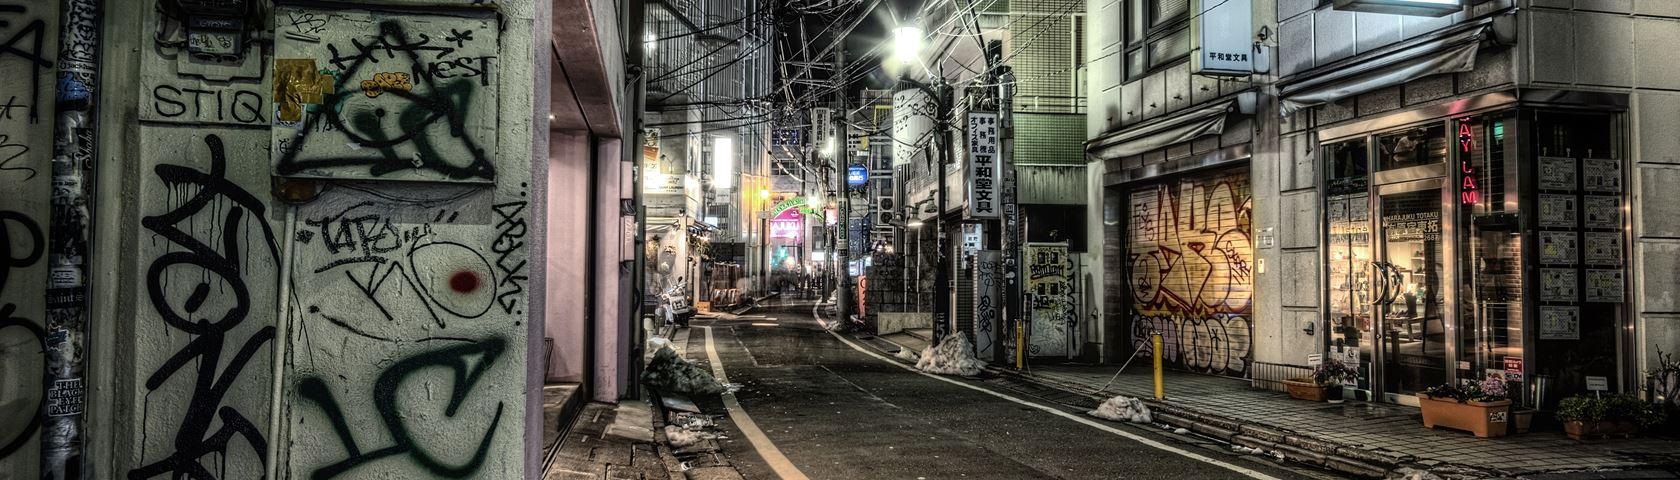 Harajuku Alley